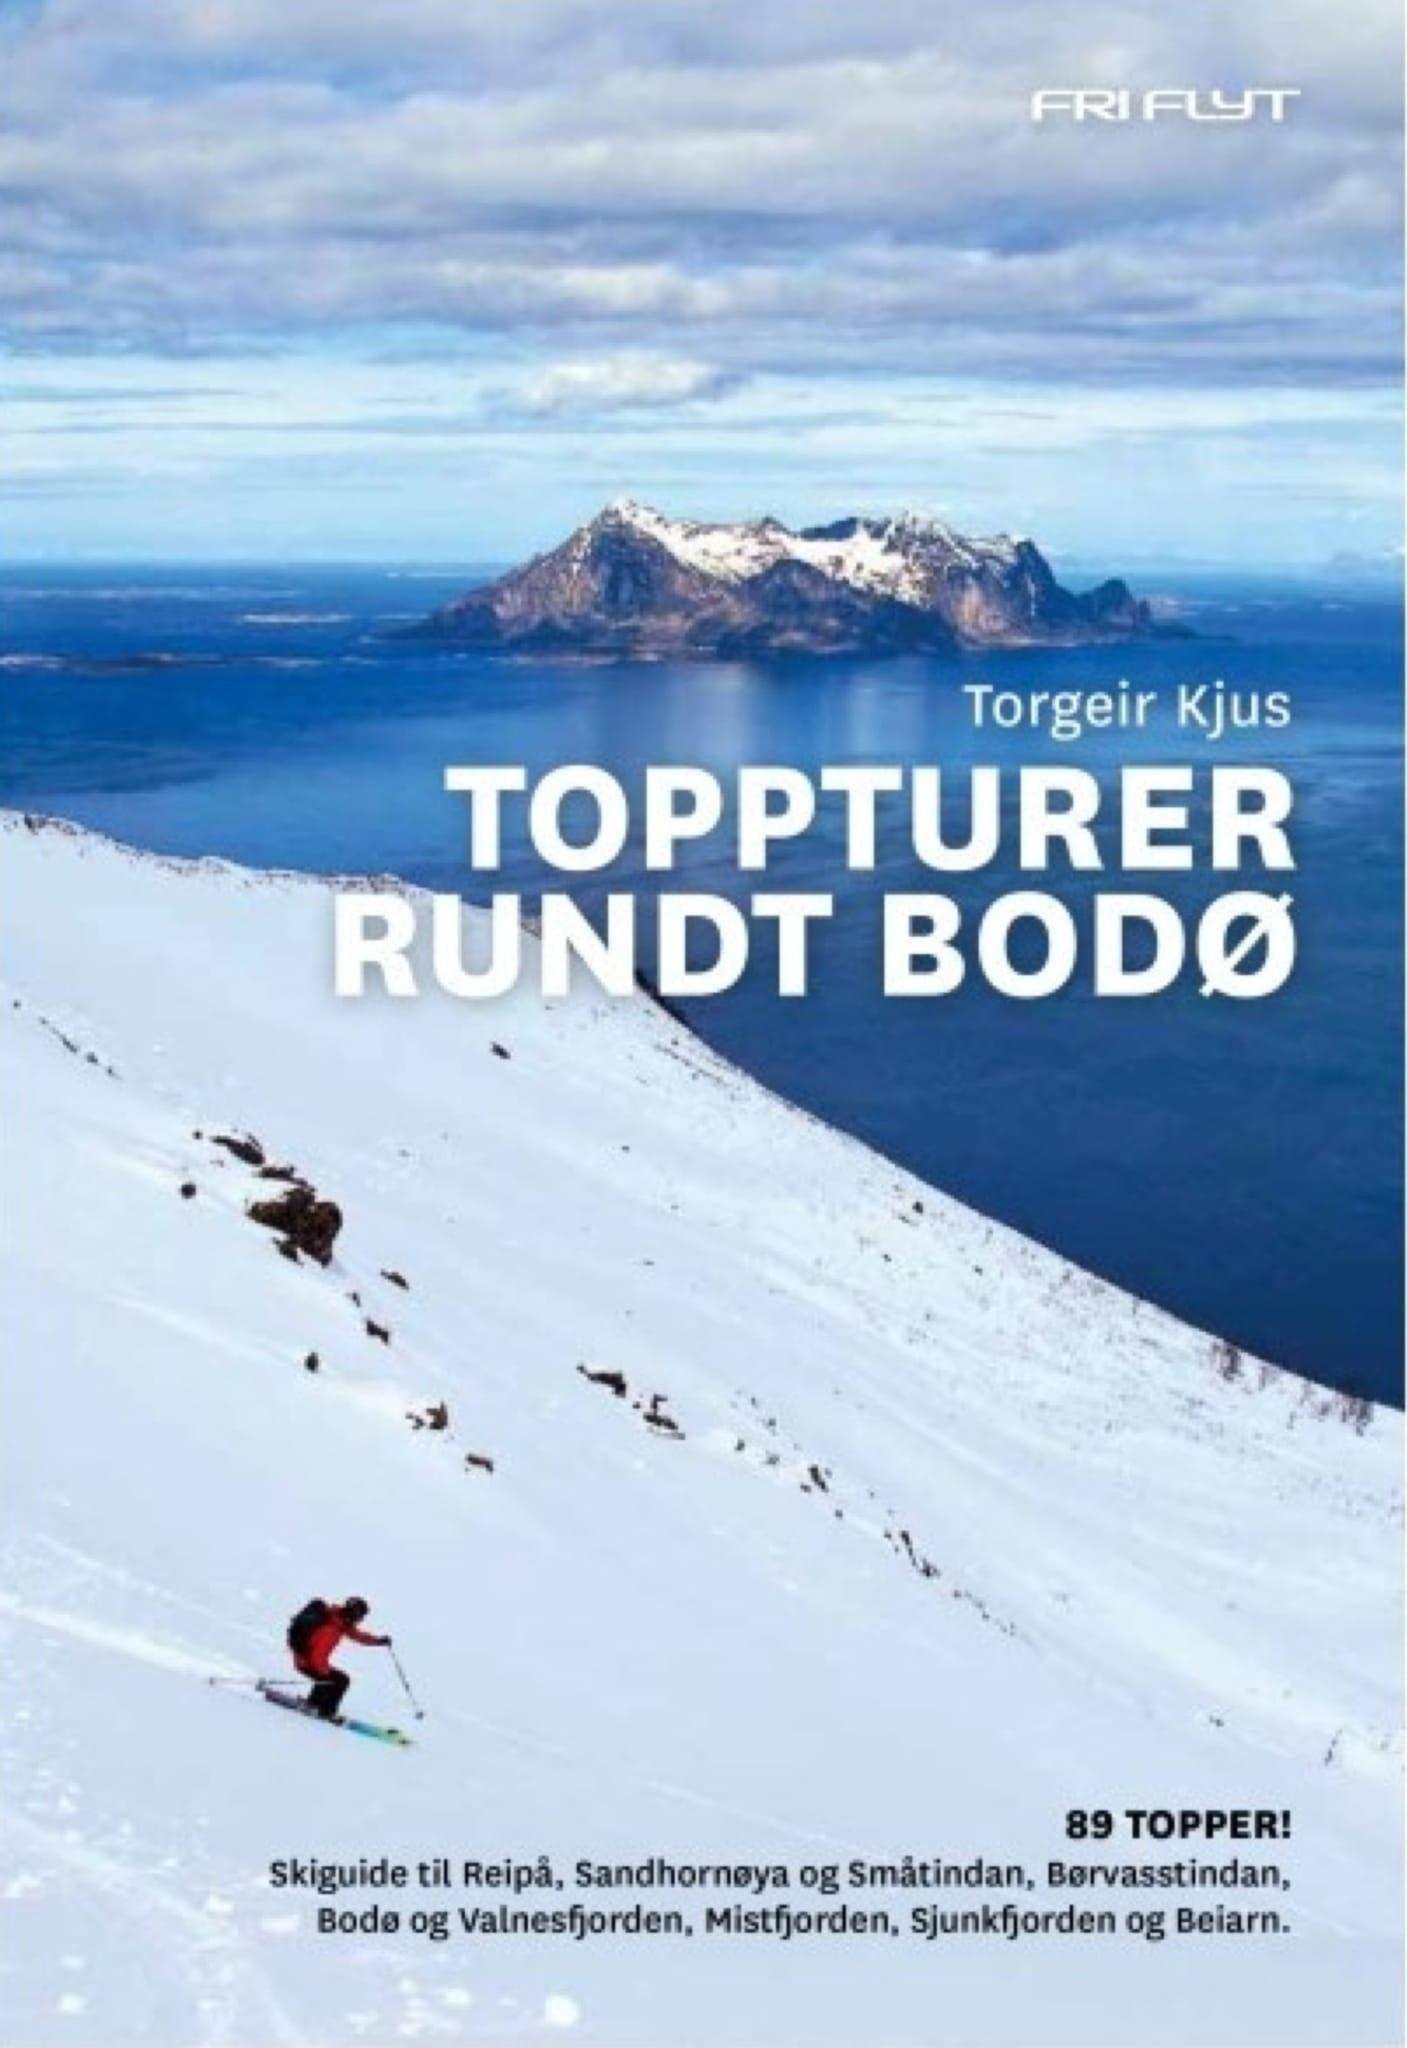 En for de fleste utømmelig oversikt over 89 skifjell fjell rundt Bodø